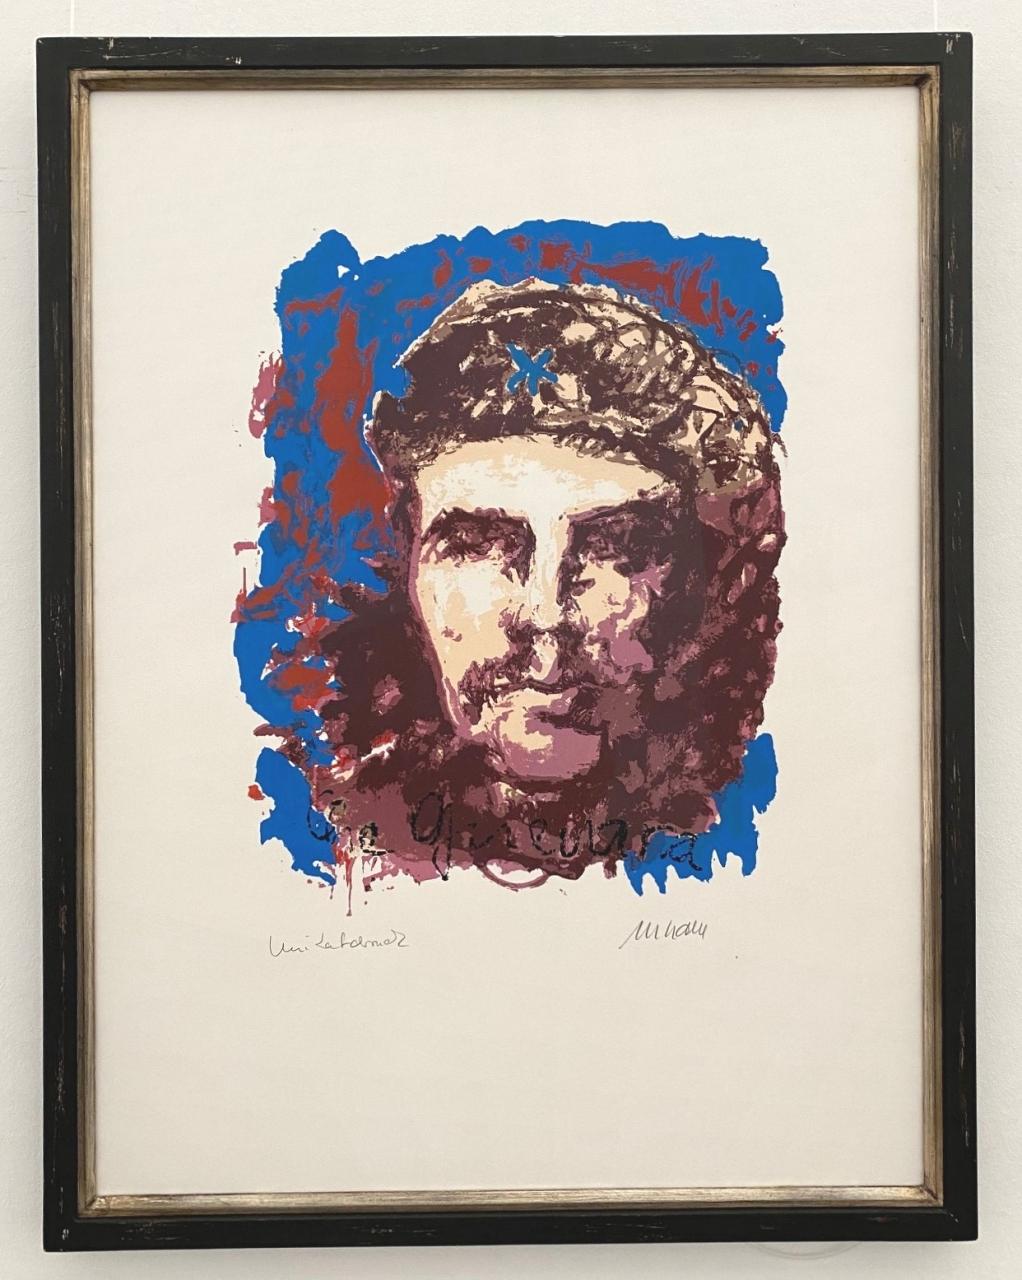 Che Guevara - Unikatdruck - No. 21 (Blau), gerahmt